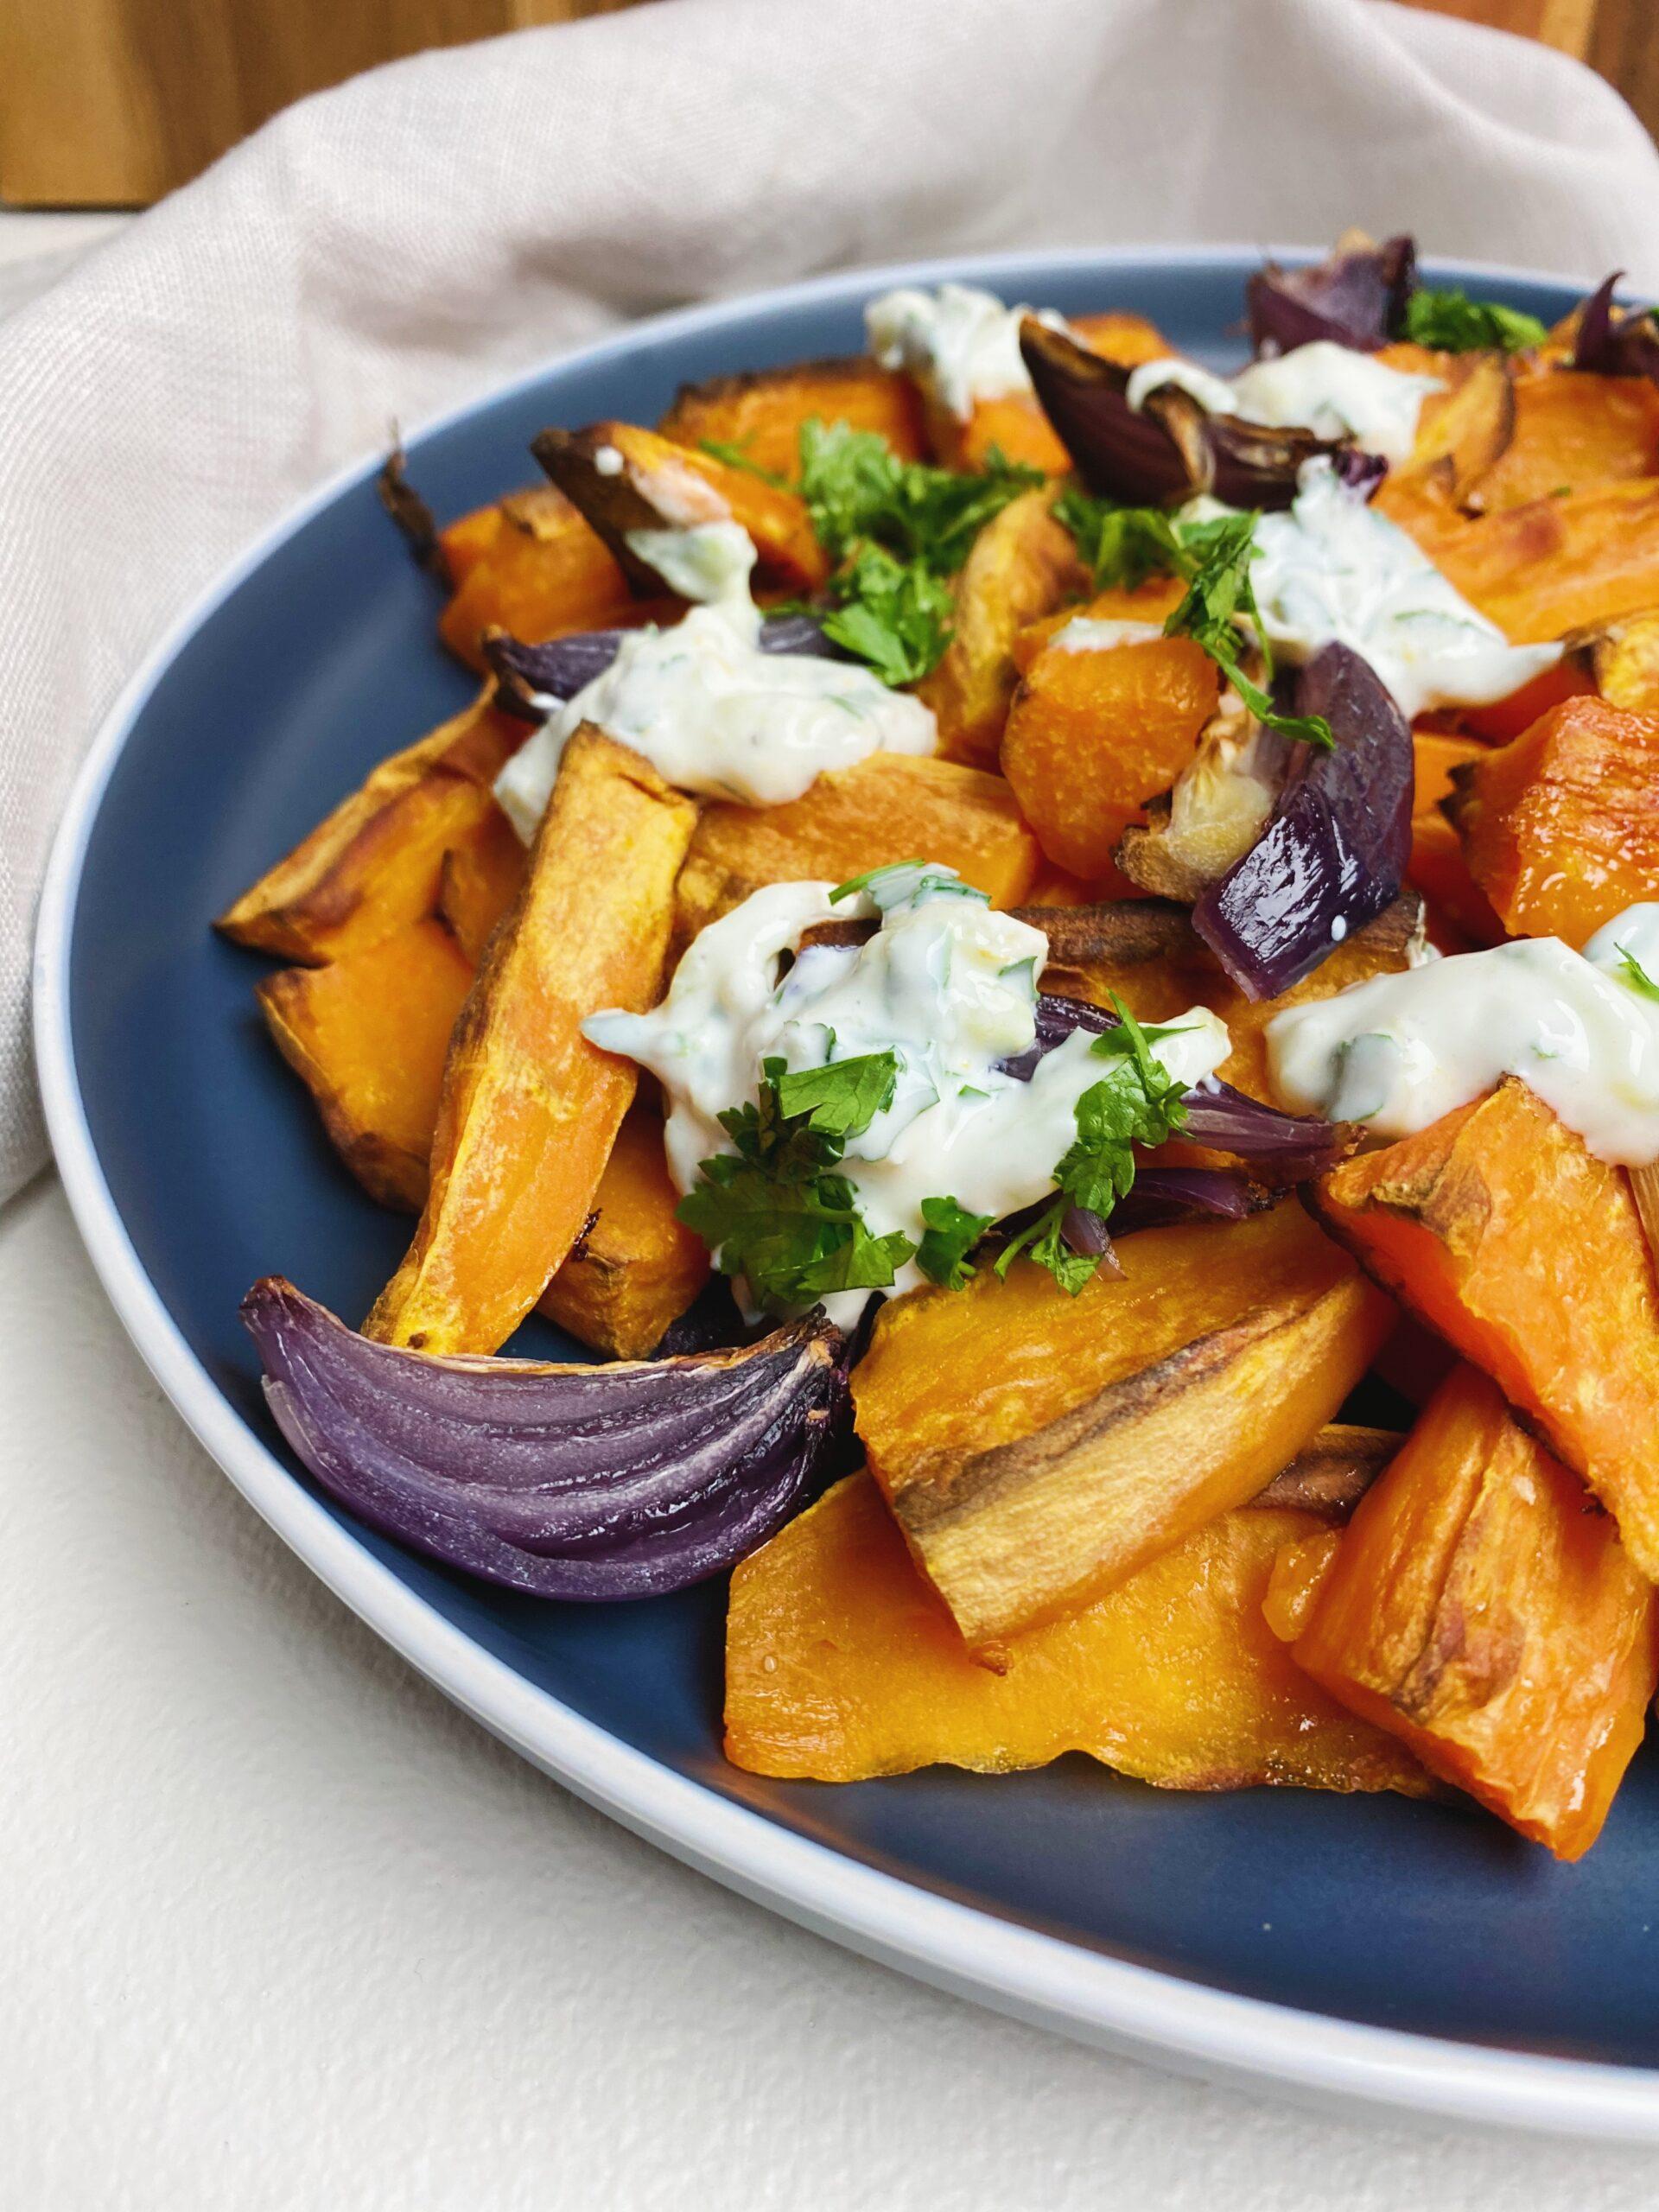 Bagte søde kartofler med yoghurtdressing set tæt på